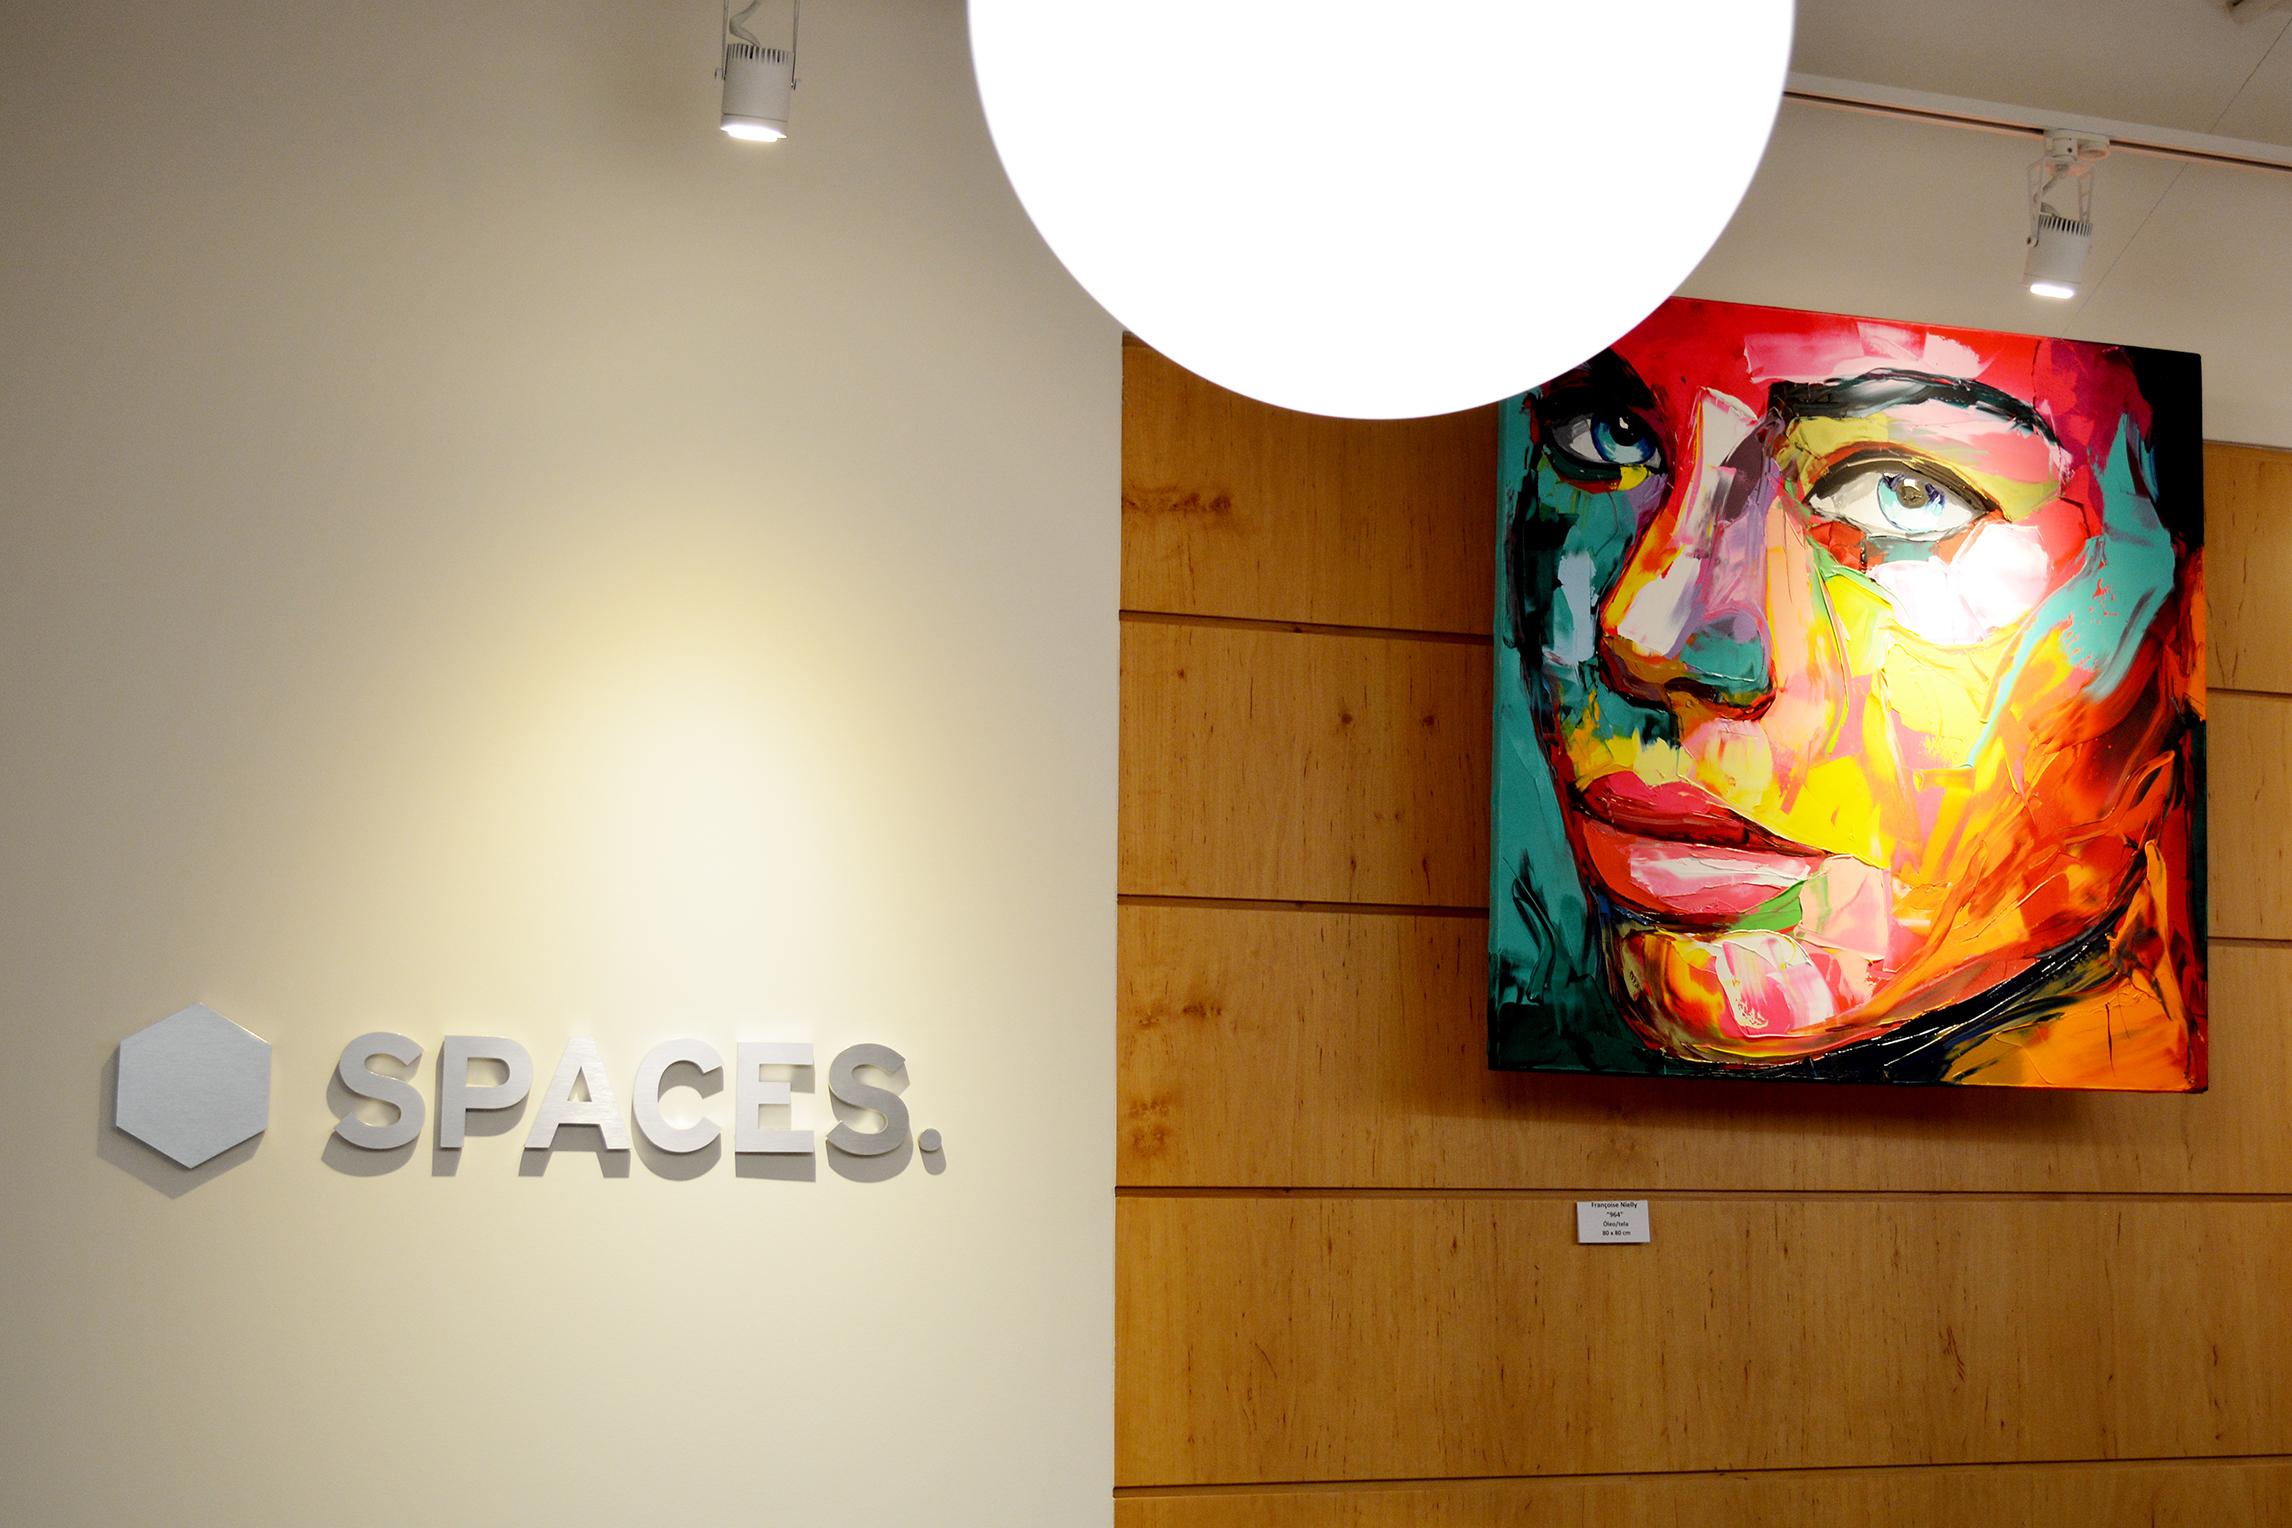 Space, arte y trabajo en un solo lugar